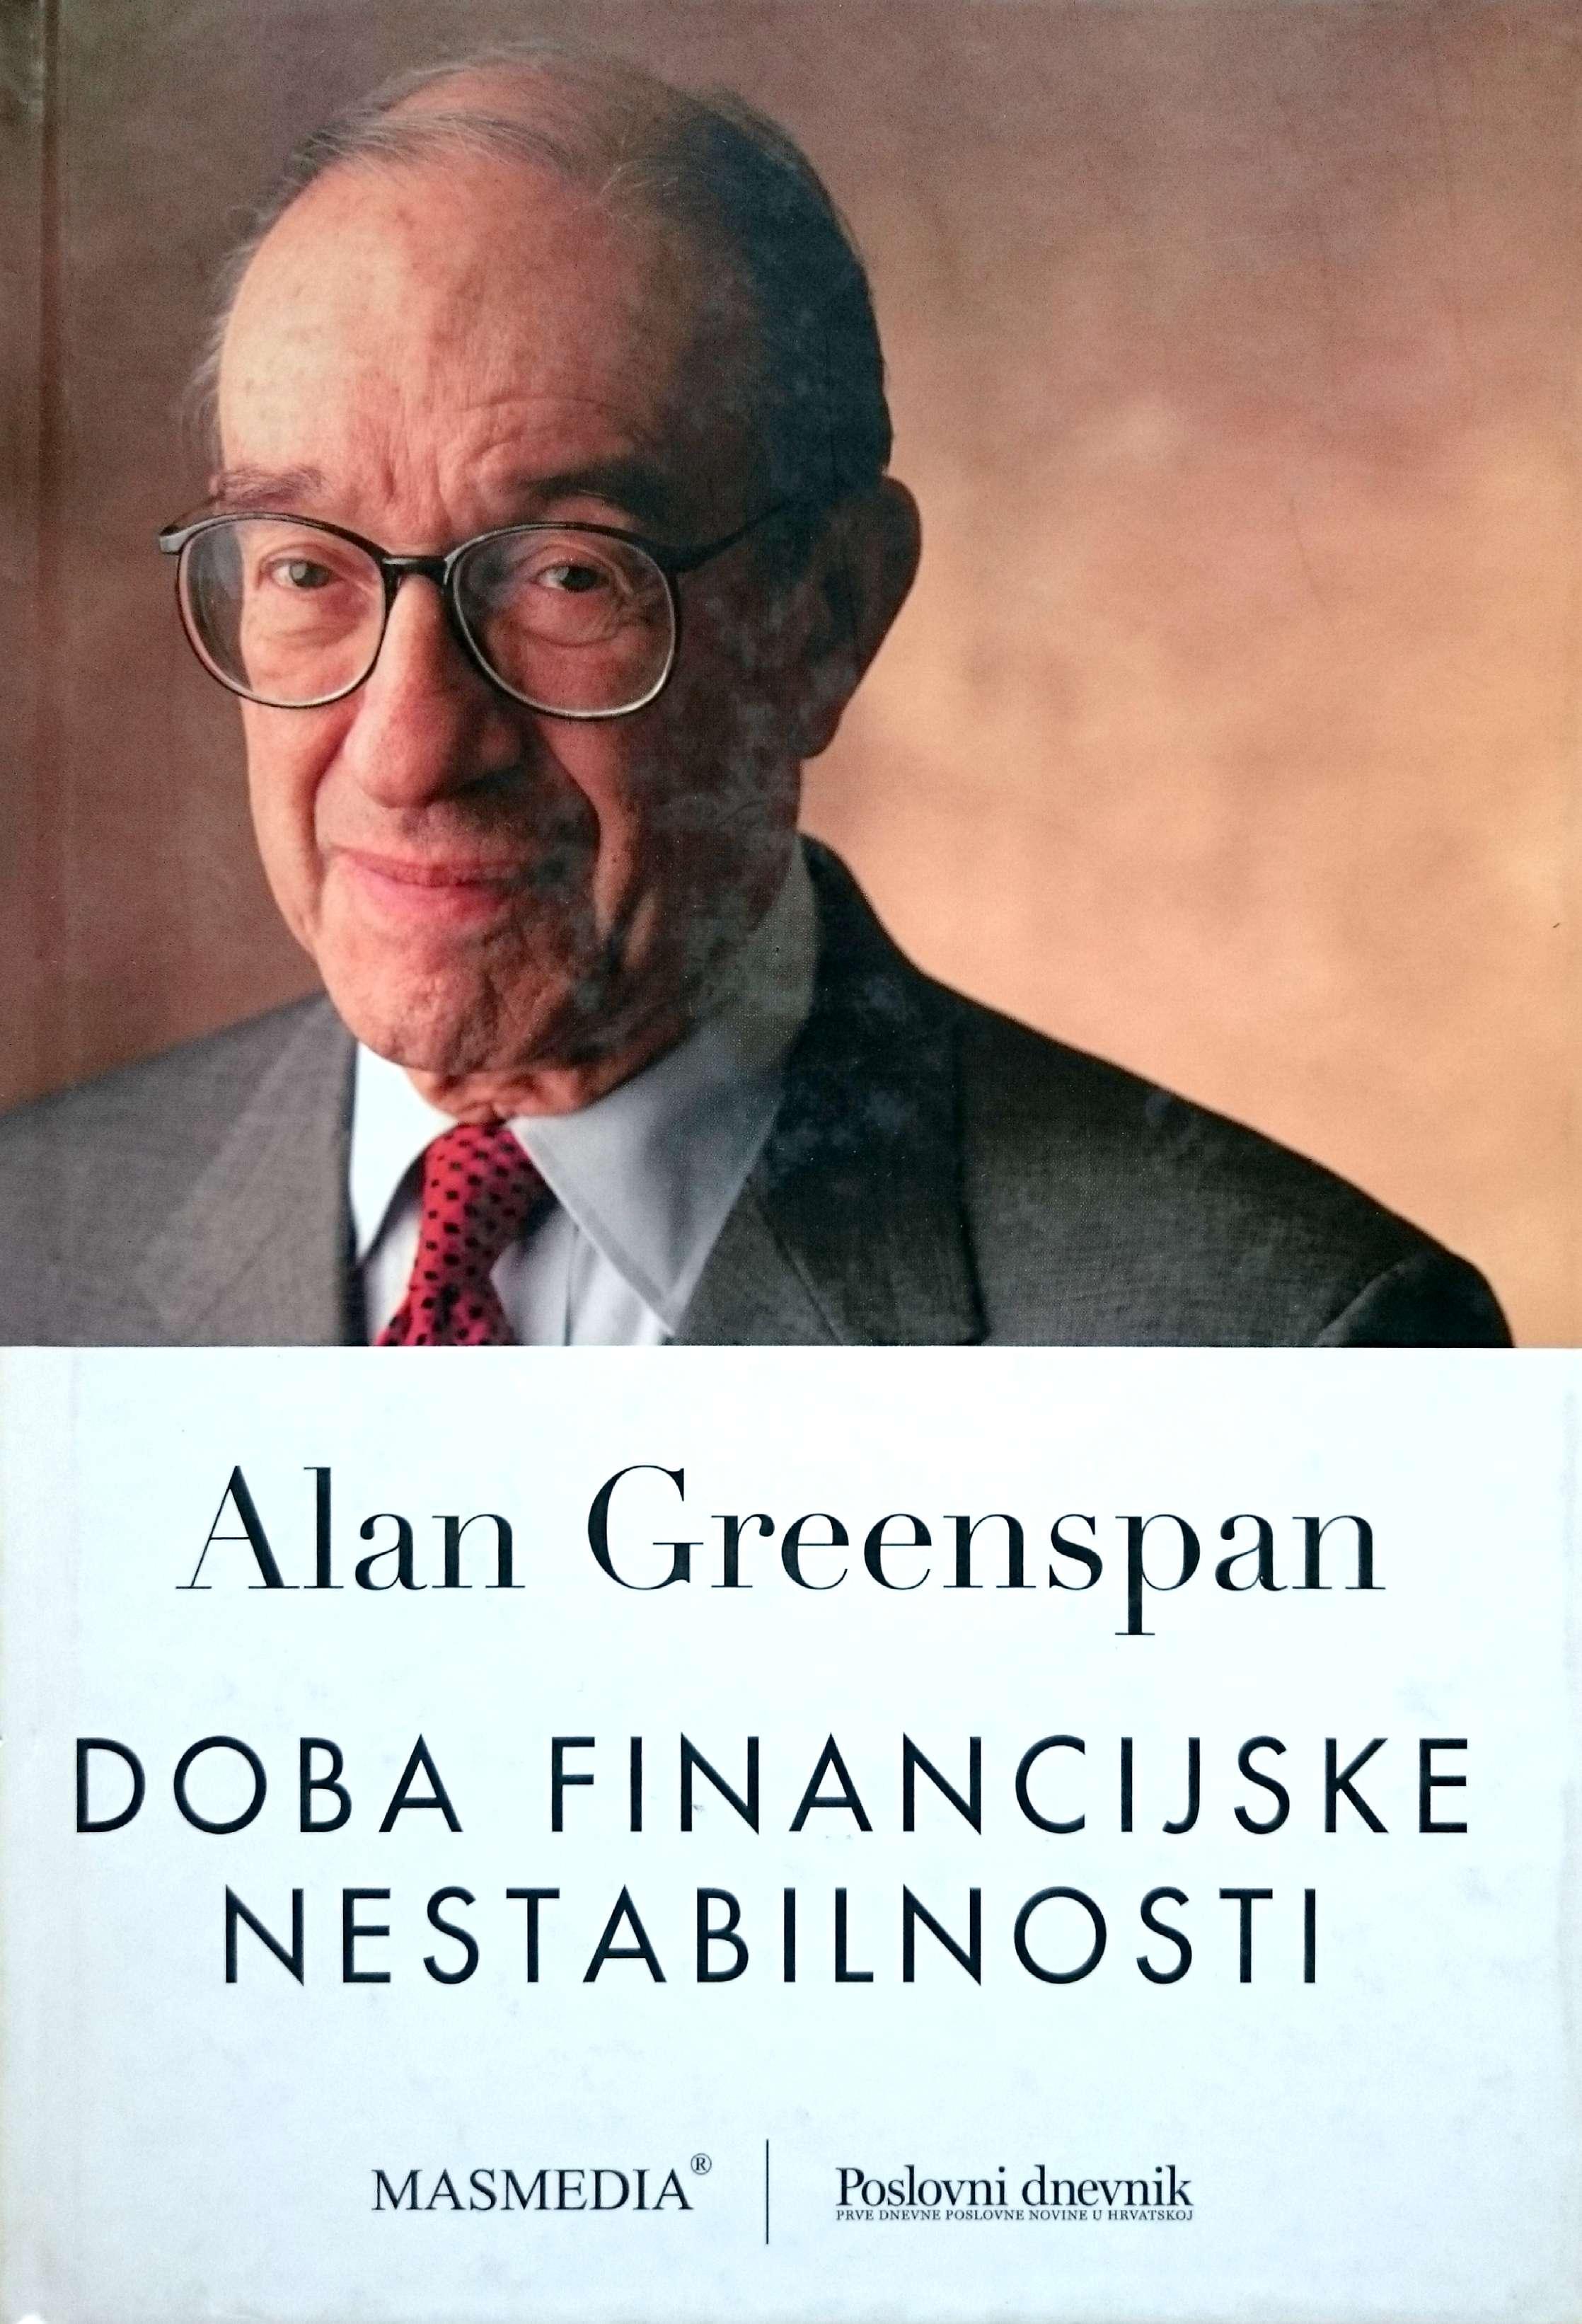 DOBA FINANCIJSKE NESTABILNOSTI - Naruči svoju knjigu